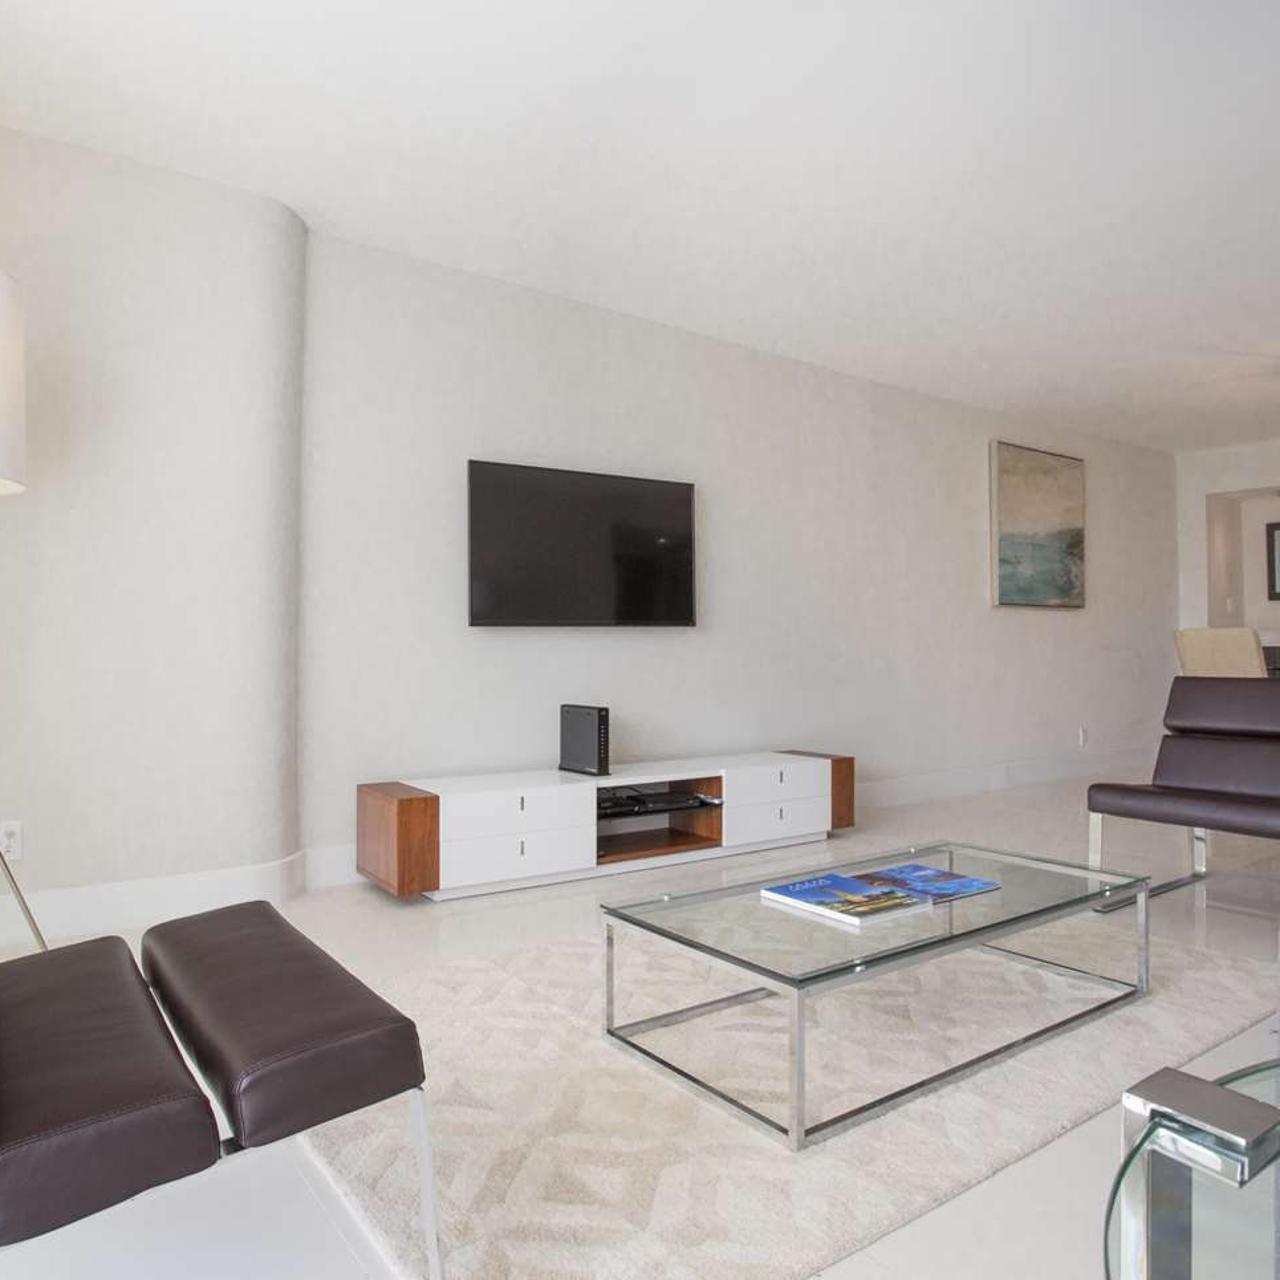 Doubletree By Hilton Grand Hotel Biscayne Bay Miami Florida Bei Hrs Mit Gratis Leistungen